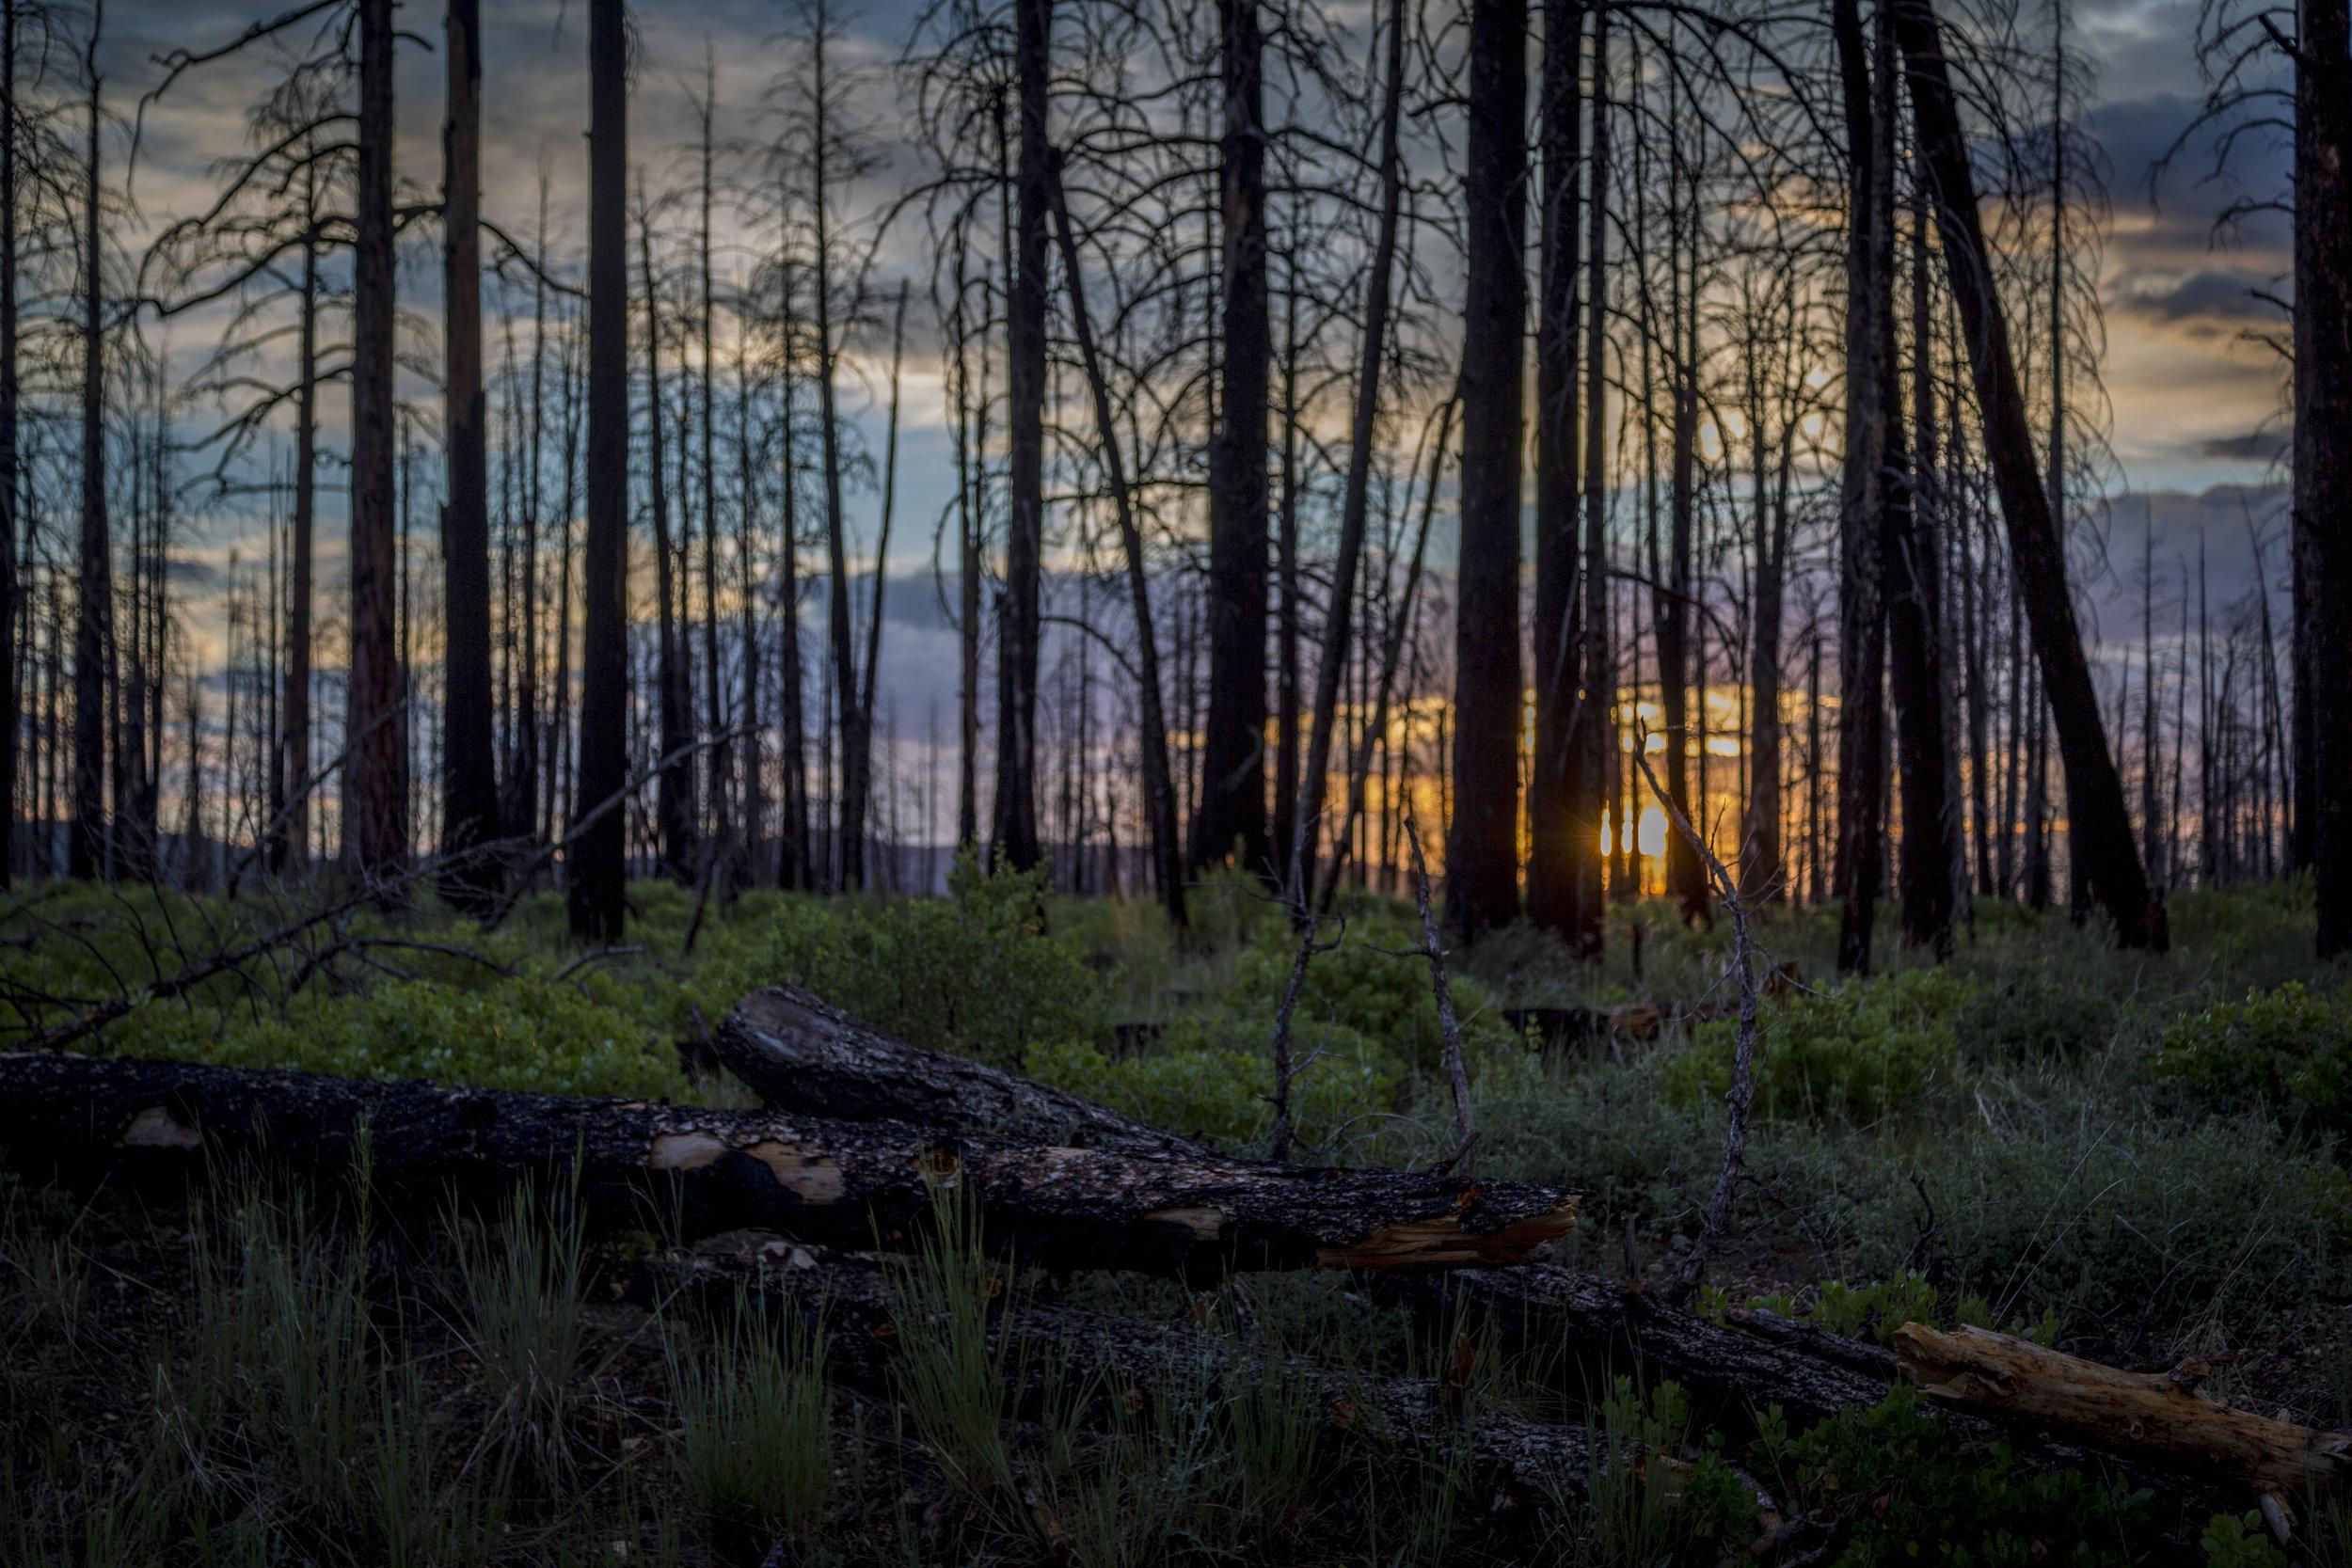 Sunset - Bryce Canyon